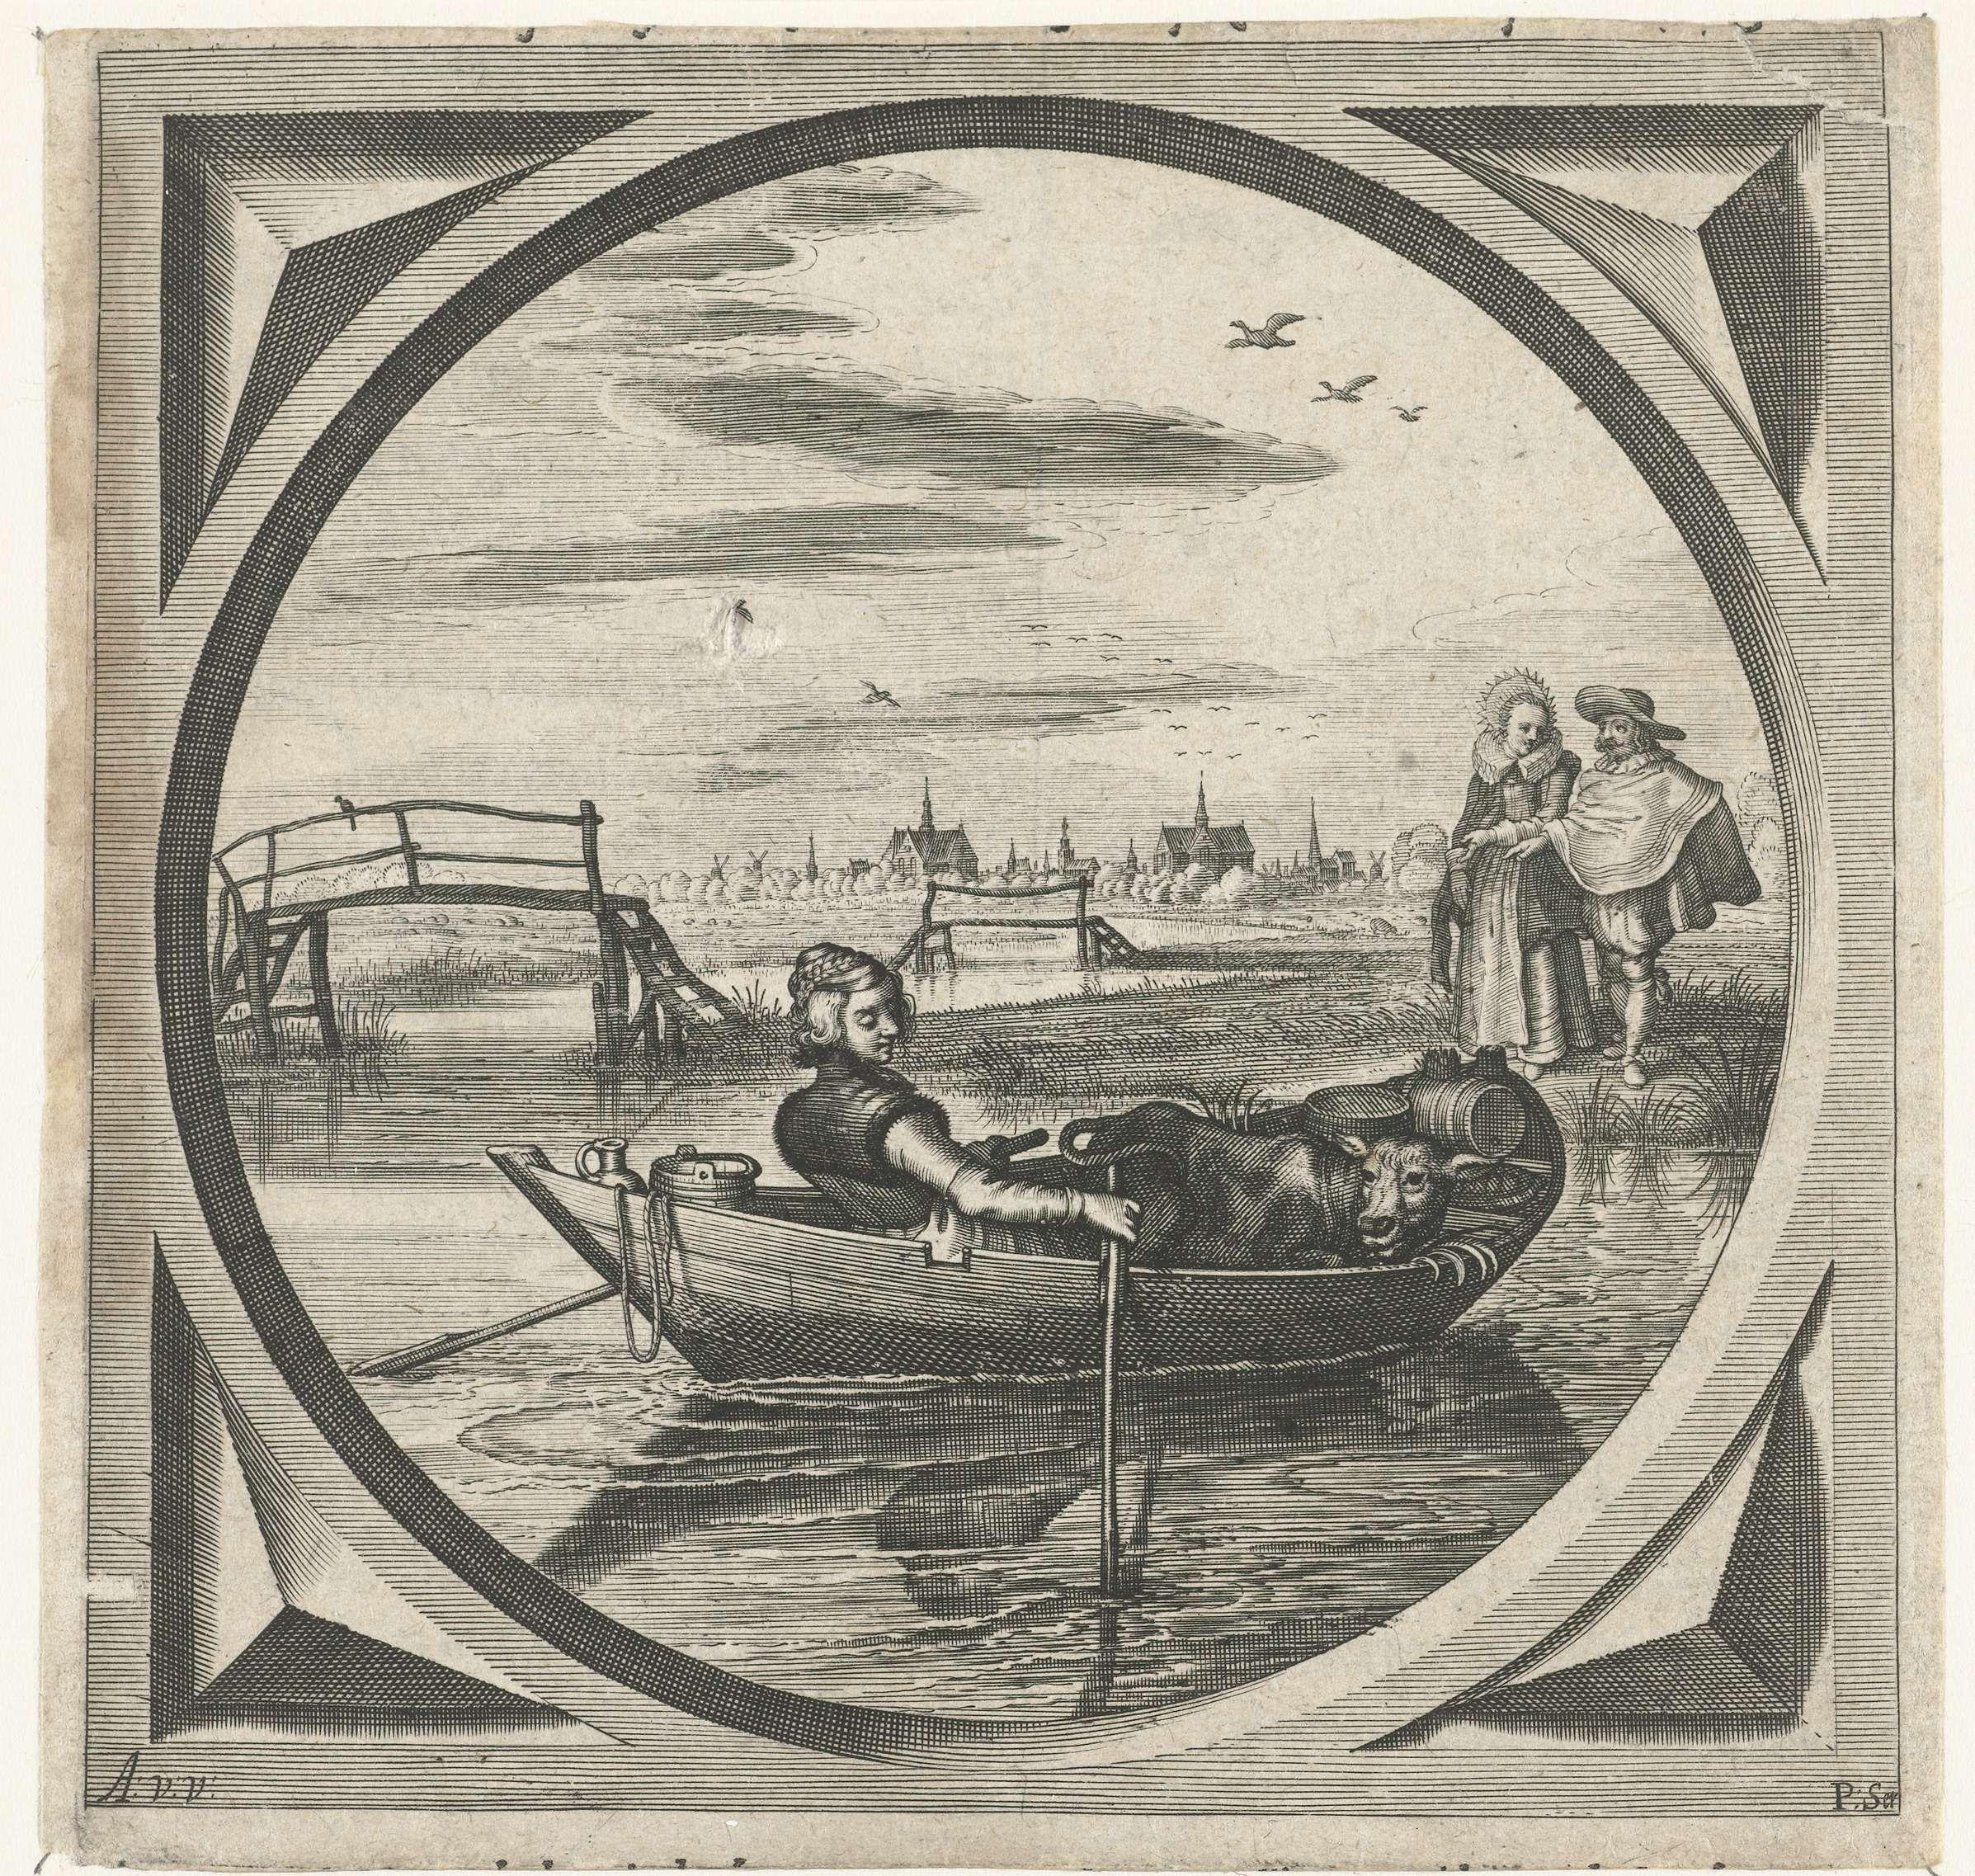 Adriaen Pietersz. van de Venne   Vrouw in een roeiboot, Adriaen Pietersz. van de Venne, Pieter Serwouters, Jan Pietersz. van de Venne, 1625   Scène met een vrouw met een koe in een roeiboot. Op de oever kijkt een elegant paar toe. Boekillustratie in Jacob Cats' 'Houwelyck. Dat is de gantsche gelegenheyt des Echten staets.' onder het hoofdstuk 'Vrijster'.